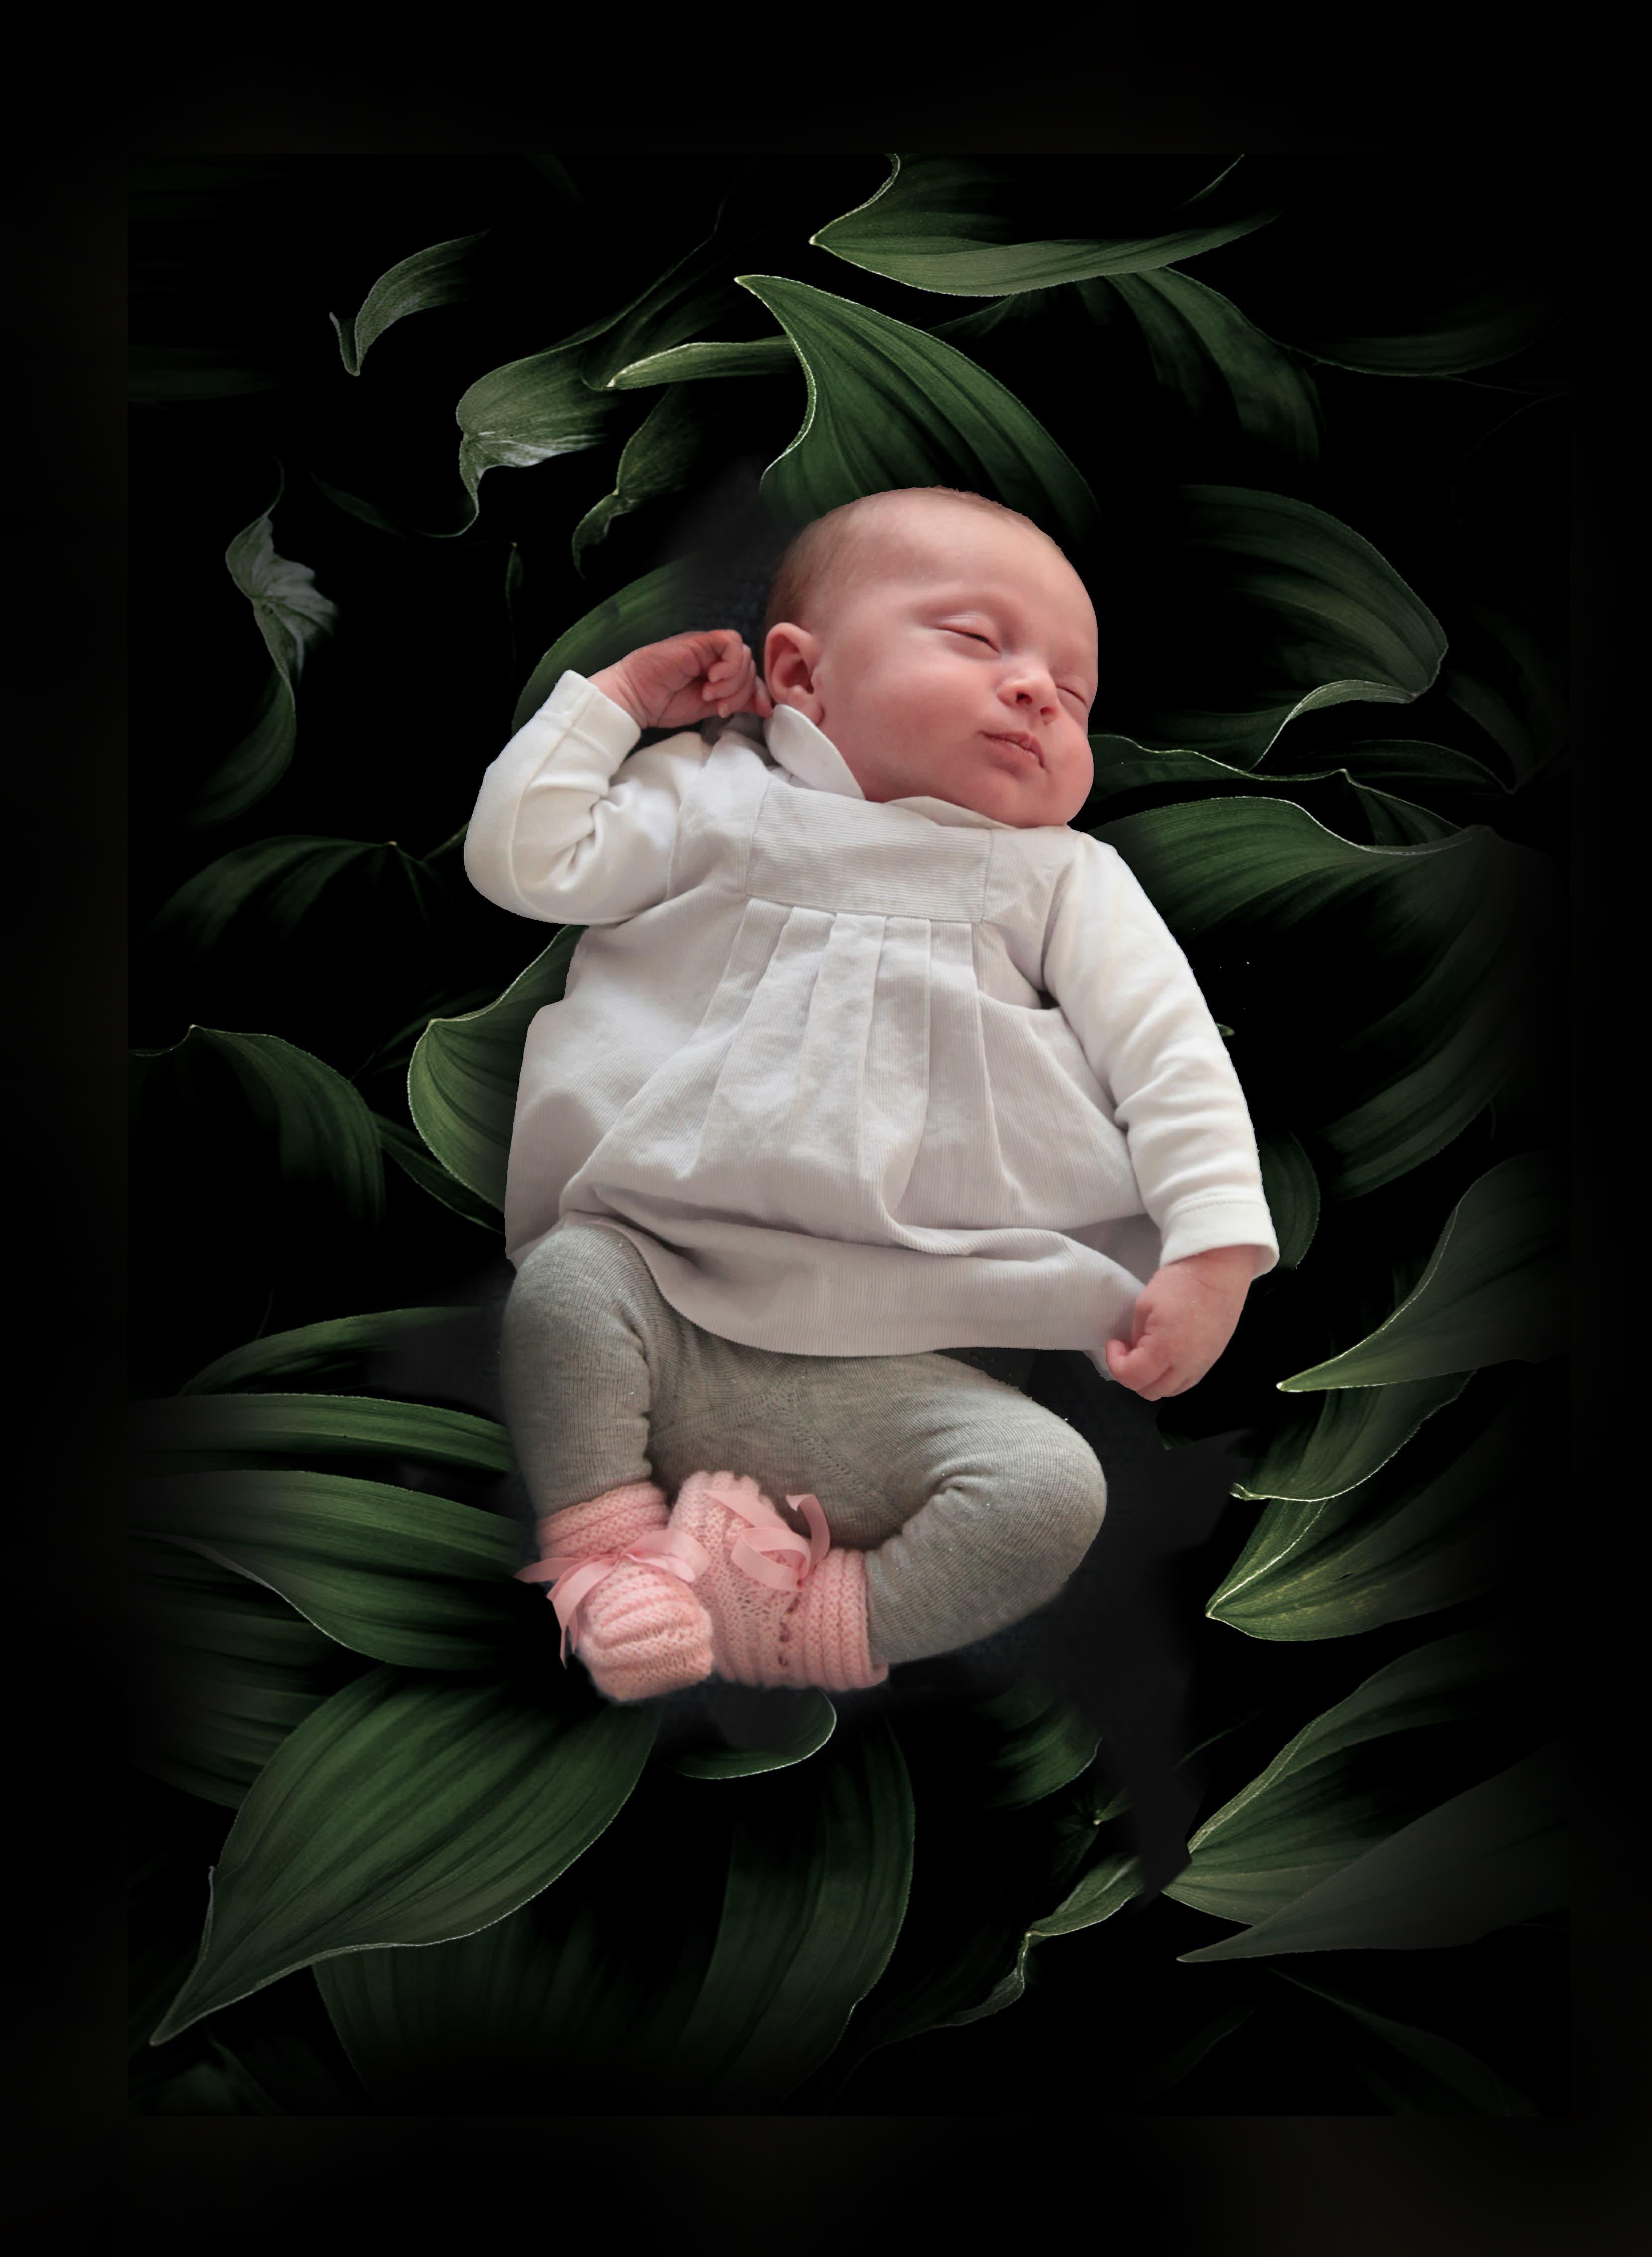 nouveau-ne-bebe